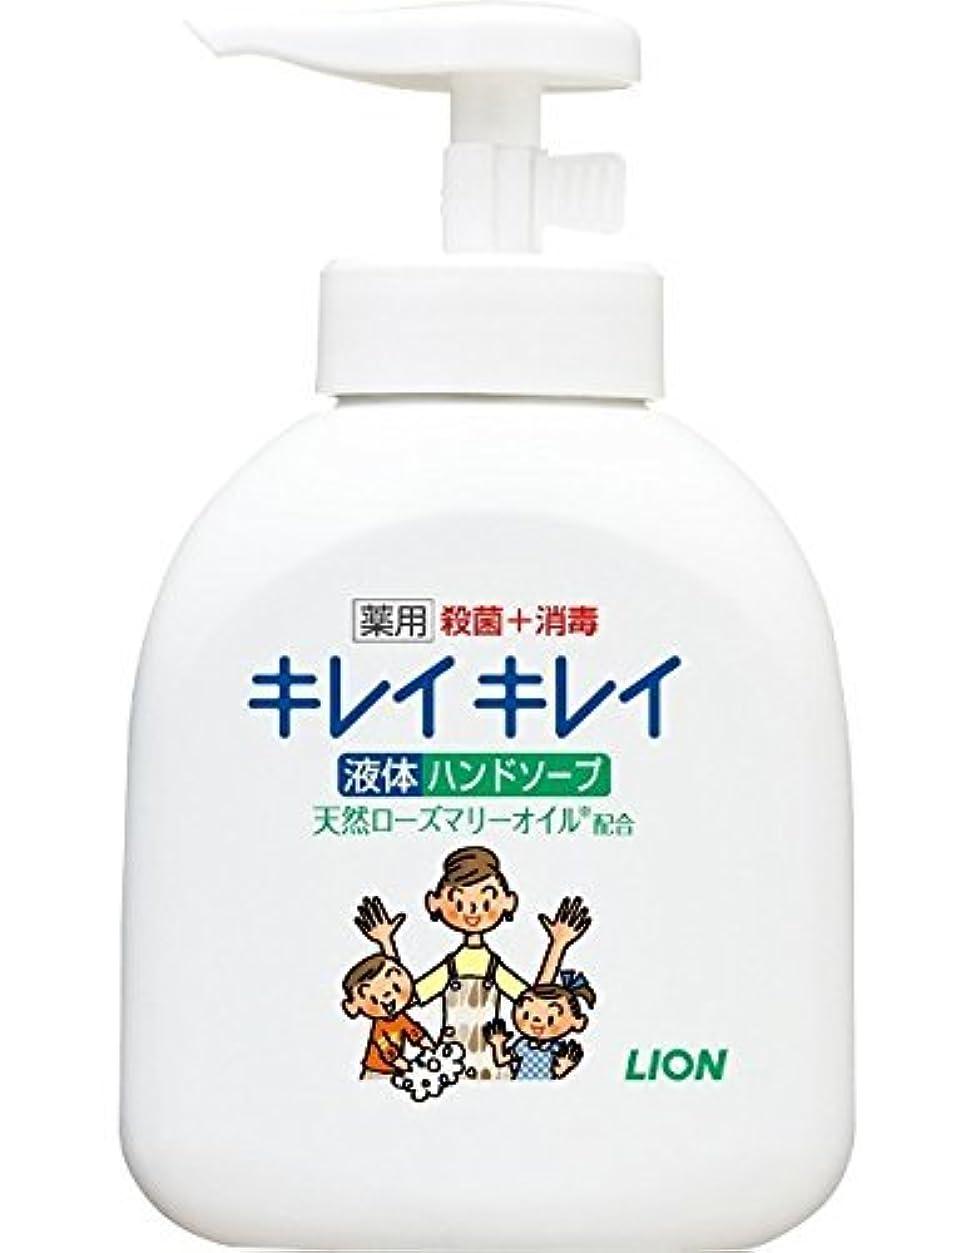 サバントゆりかご傷つける【ライオン】キレイキレイ薬用液体ハンドソープ 本体ポンプ 250ml ×10個セット